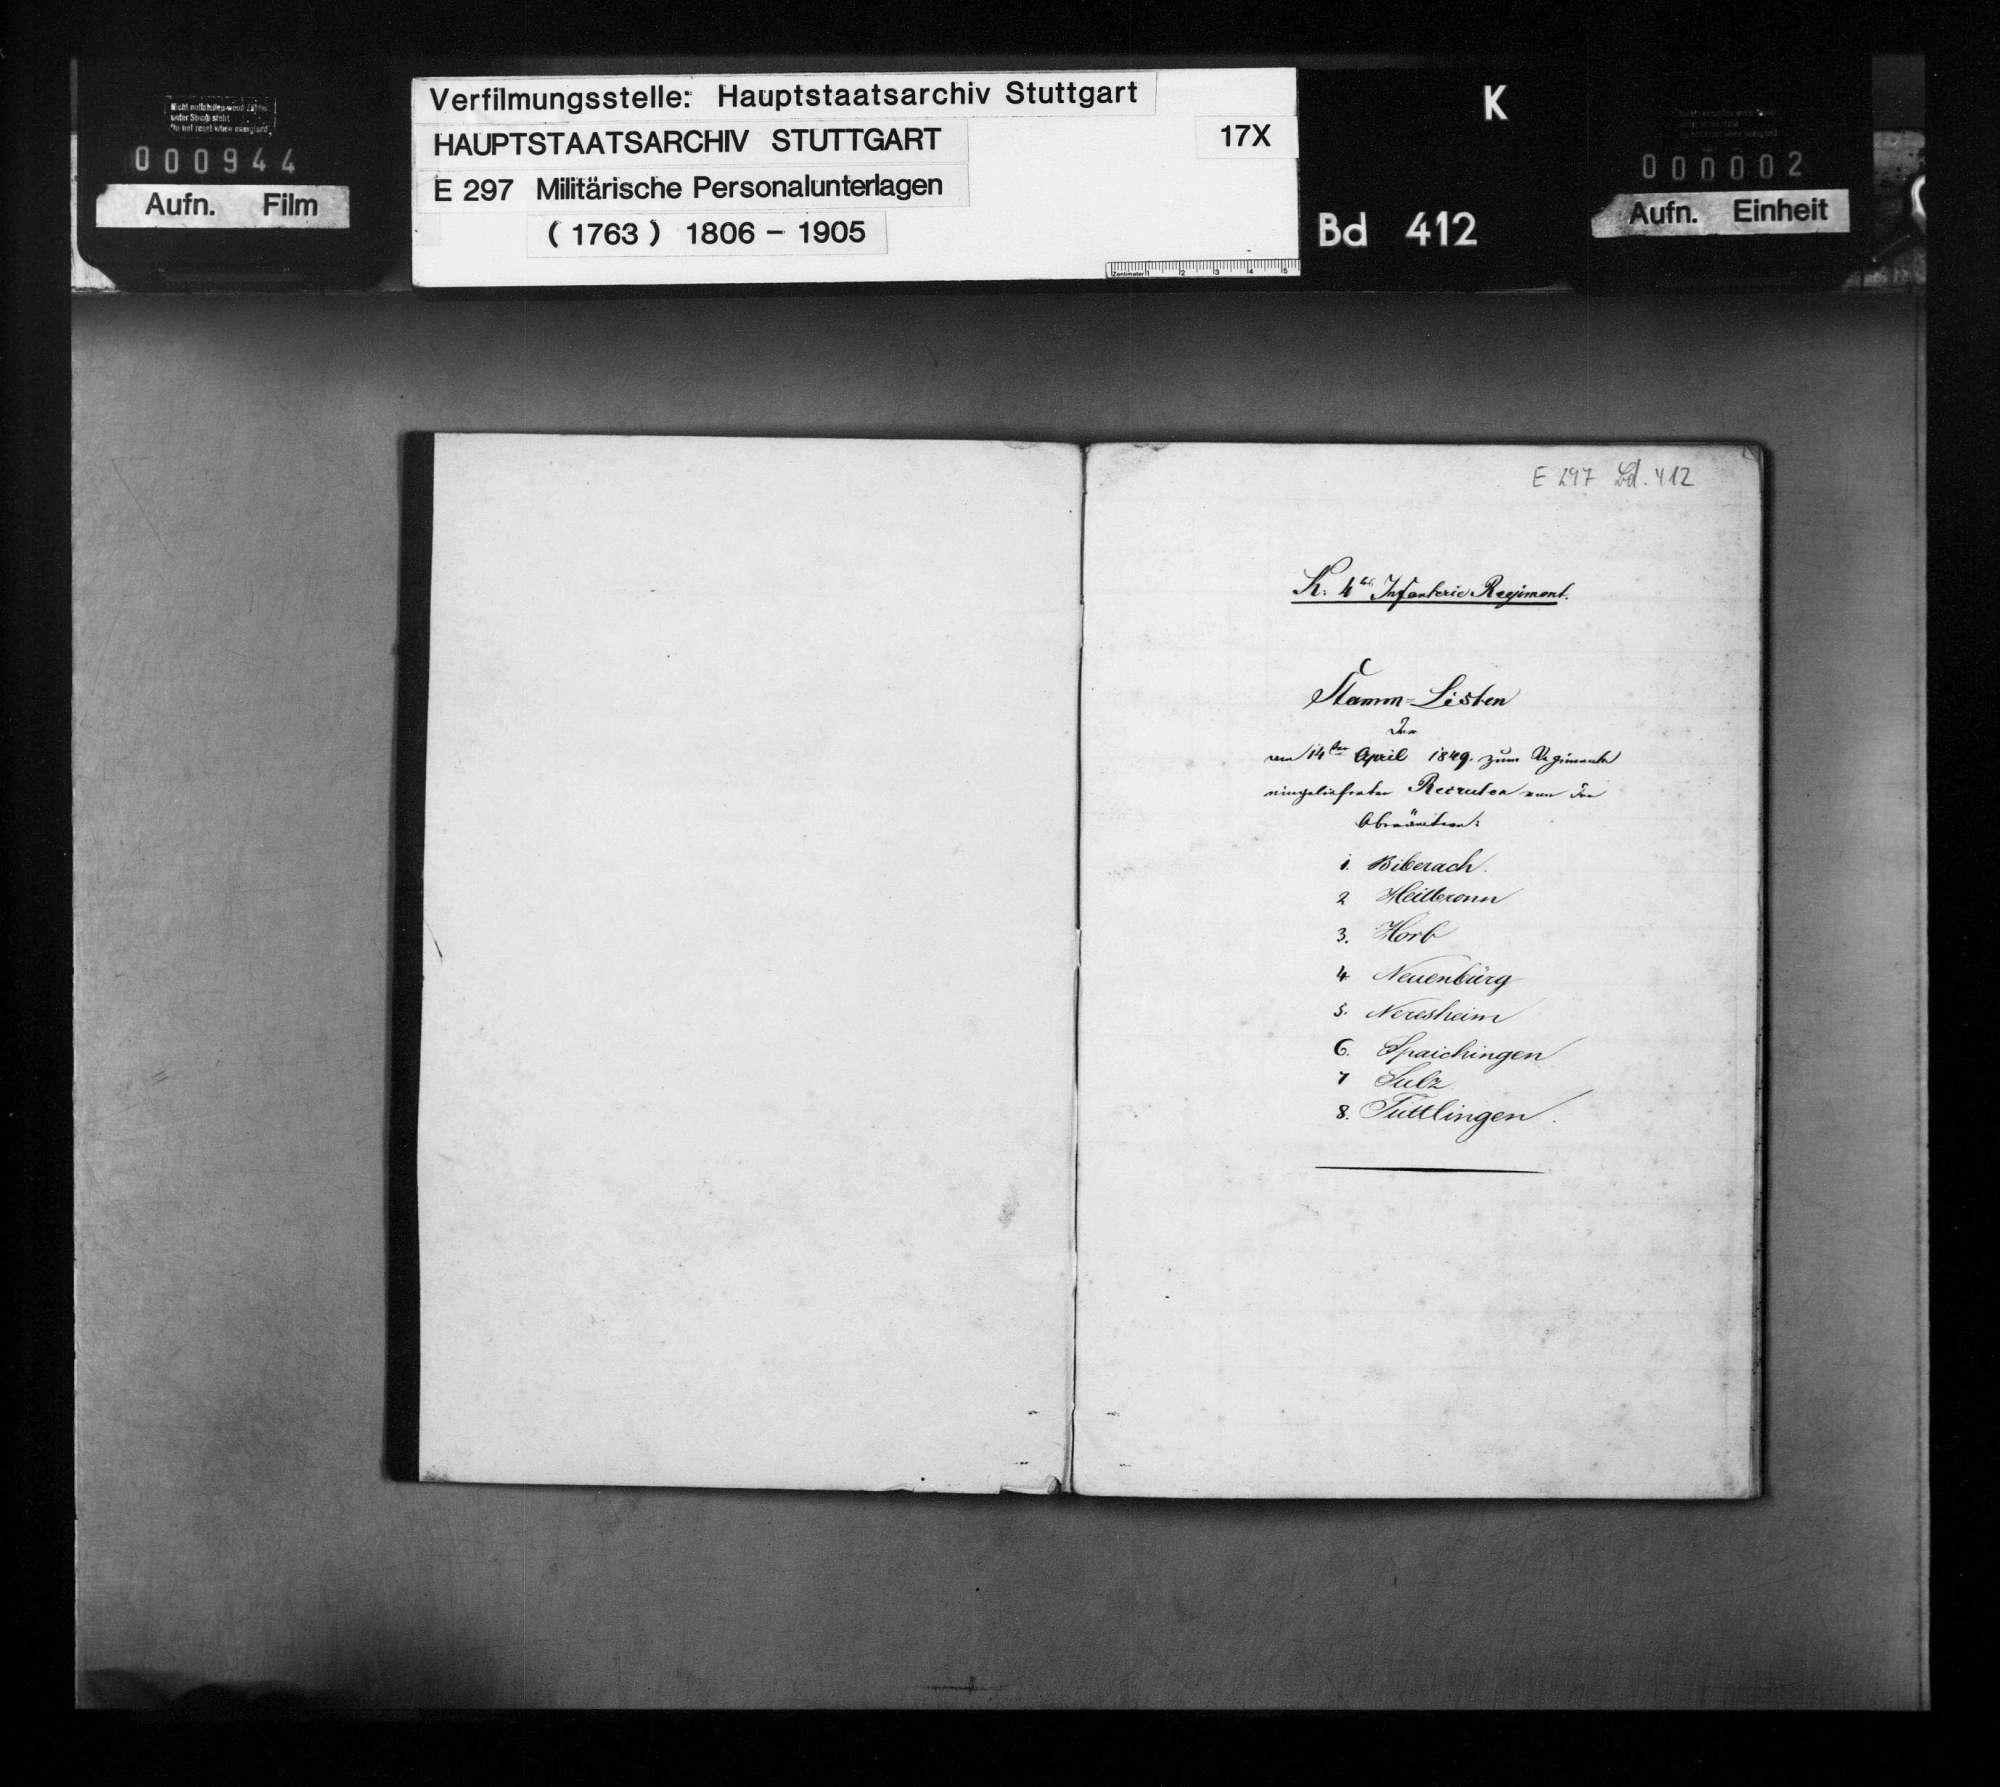 Stammliste der am 1. April 1849 beim 4. Infanterie-Regiment eingelieferten Rekruten, Bild 2